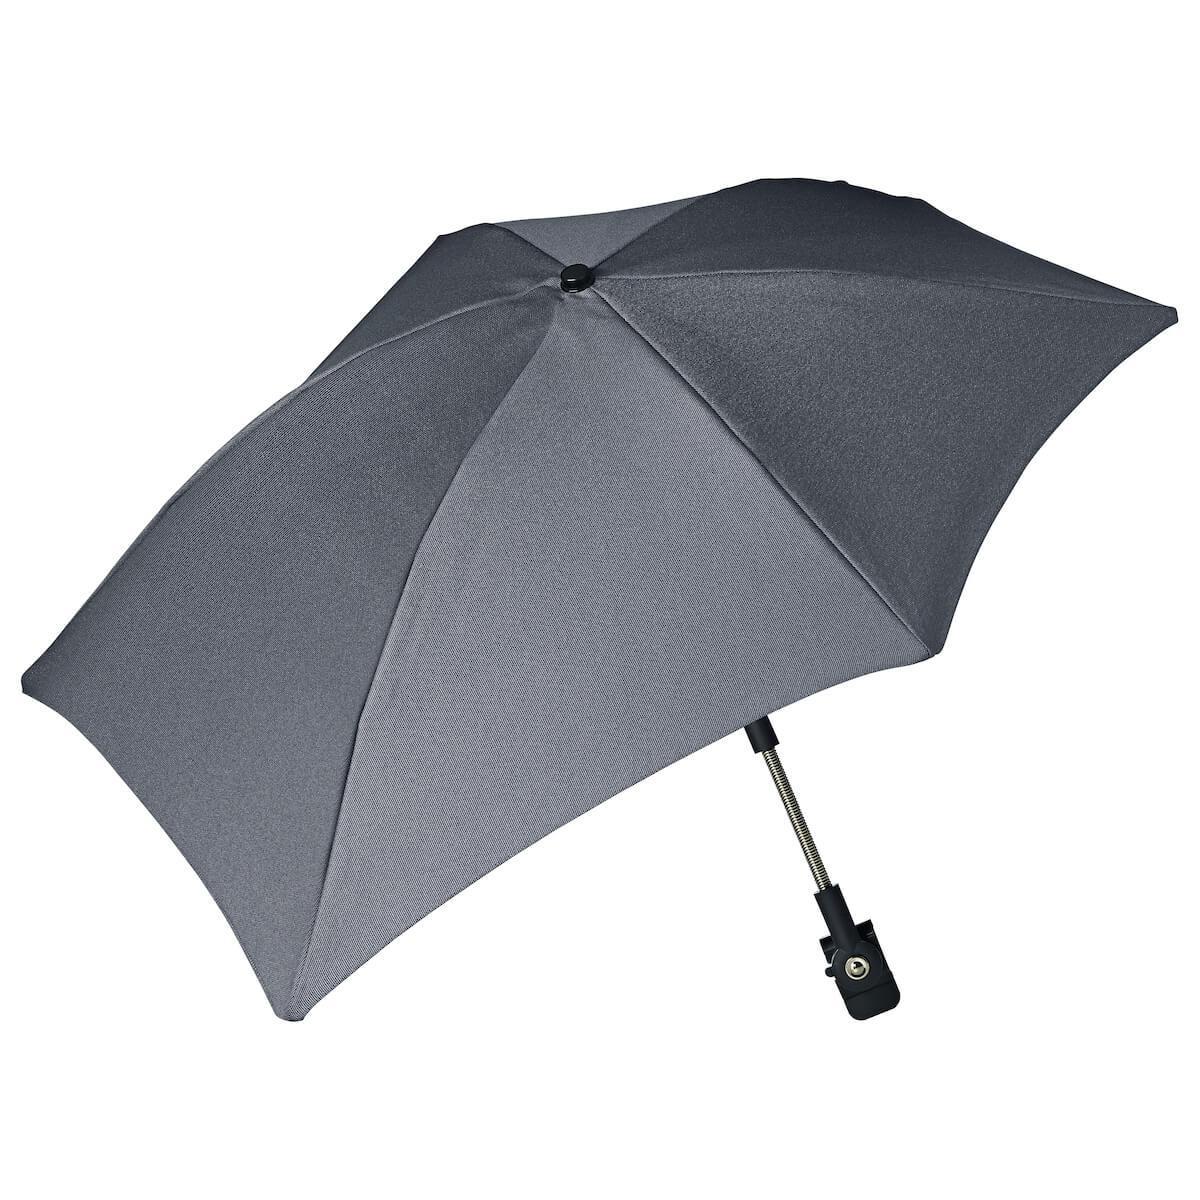 Ombrelle UNI² Joolz Gorgeous grey